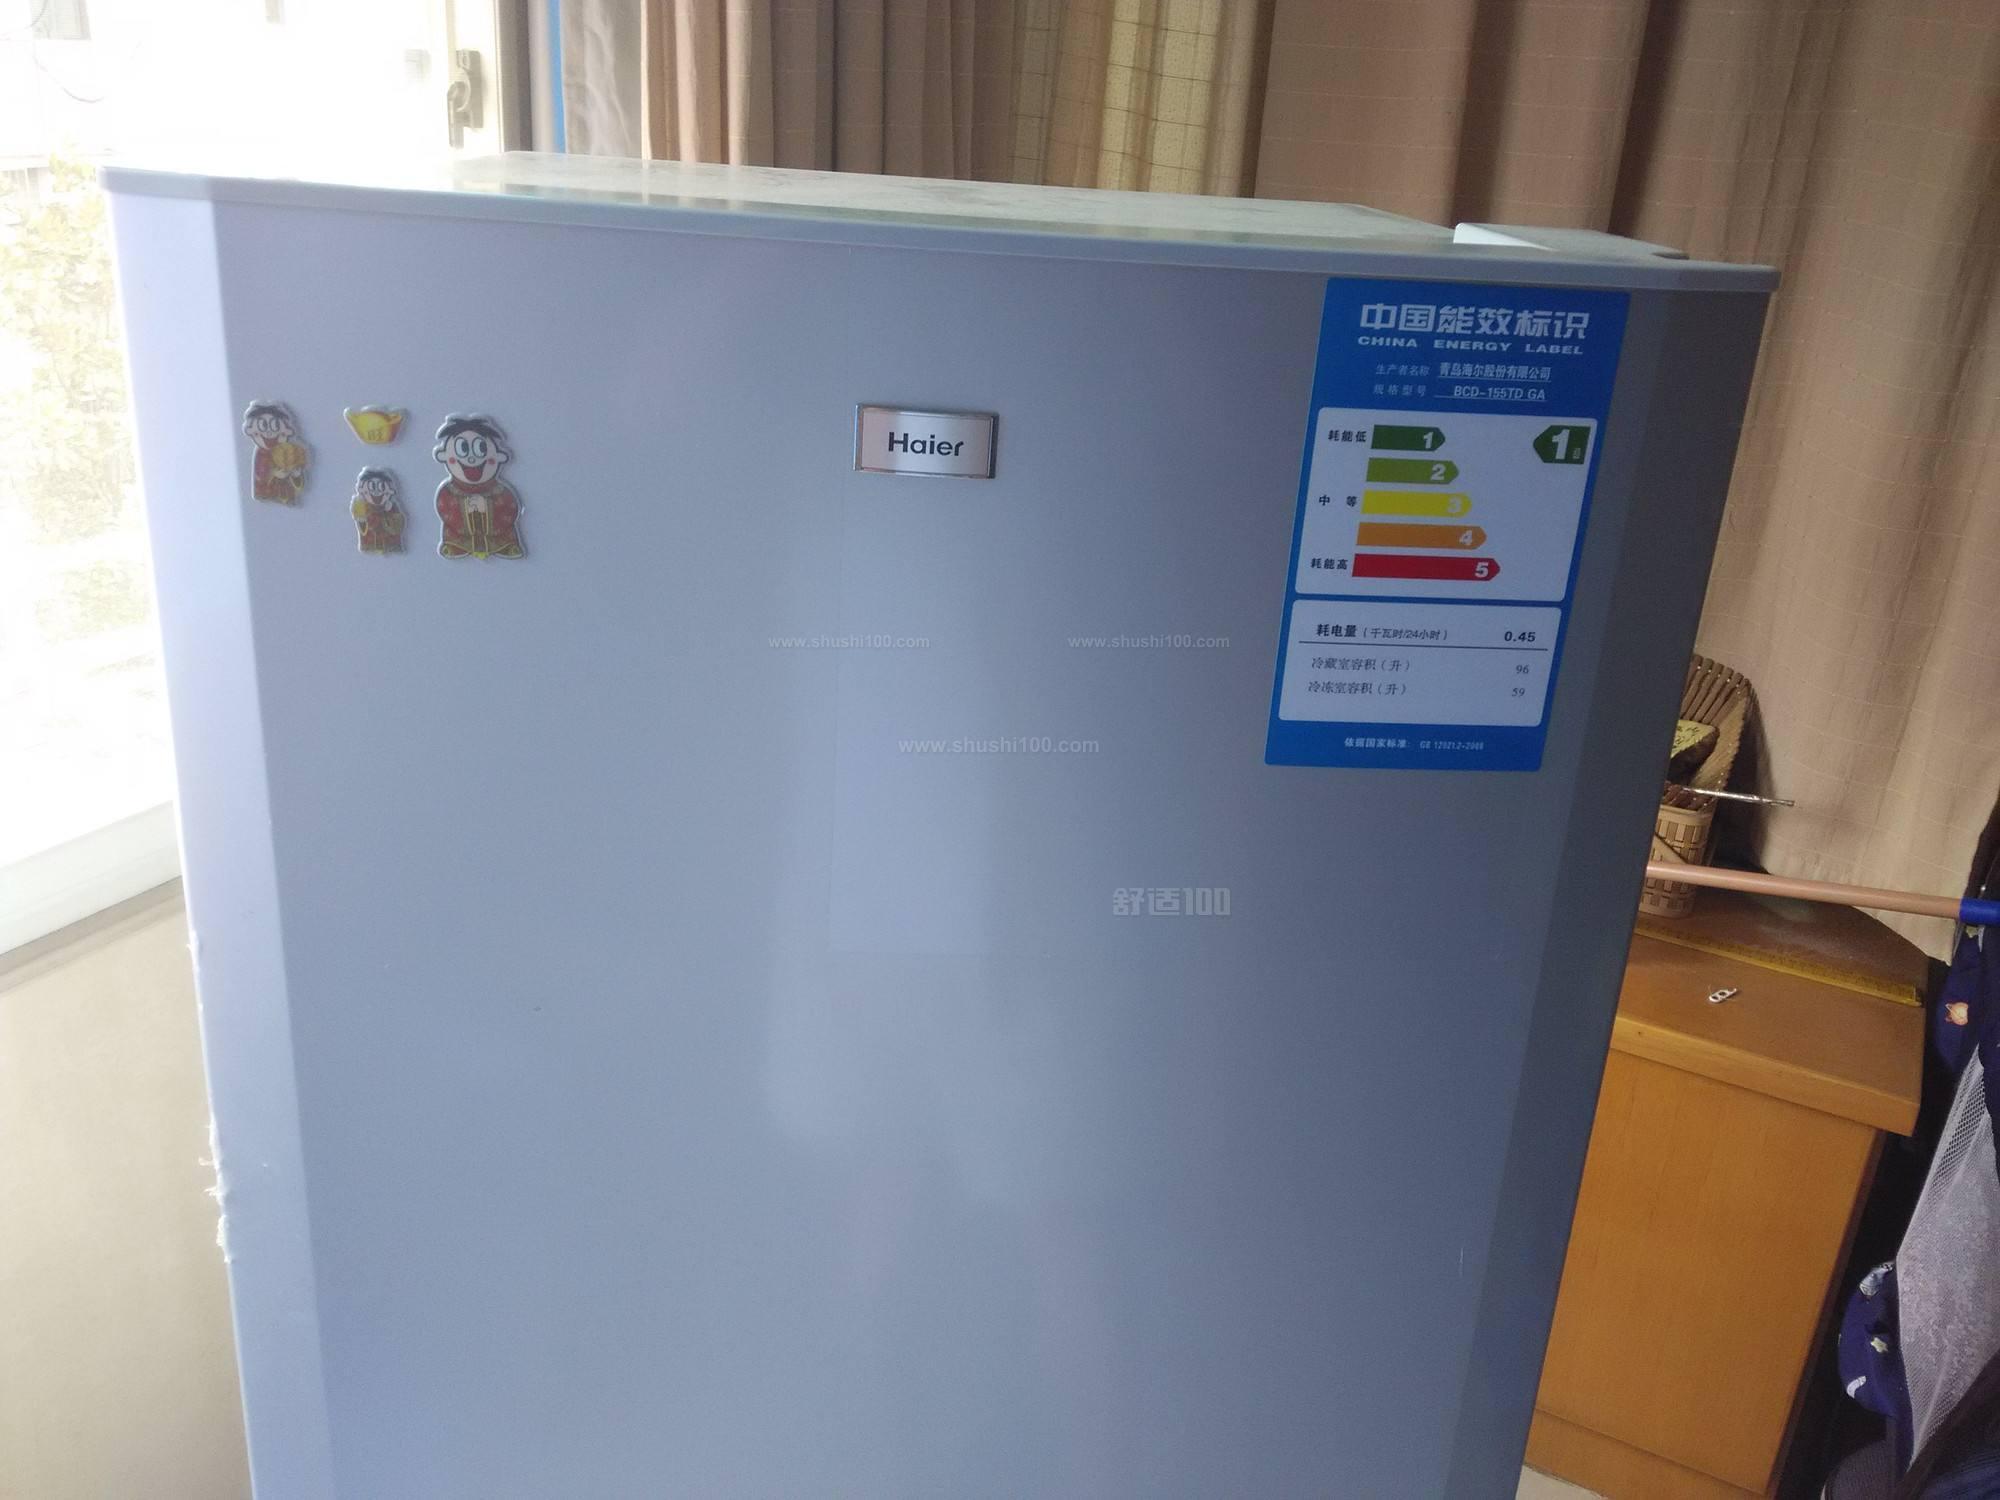 海尔电冰箱怎么样—海尔电冰箱优势介绍